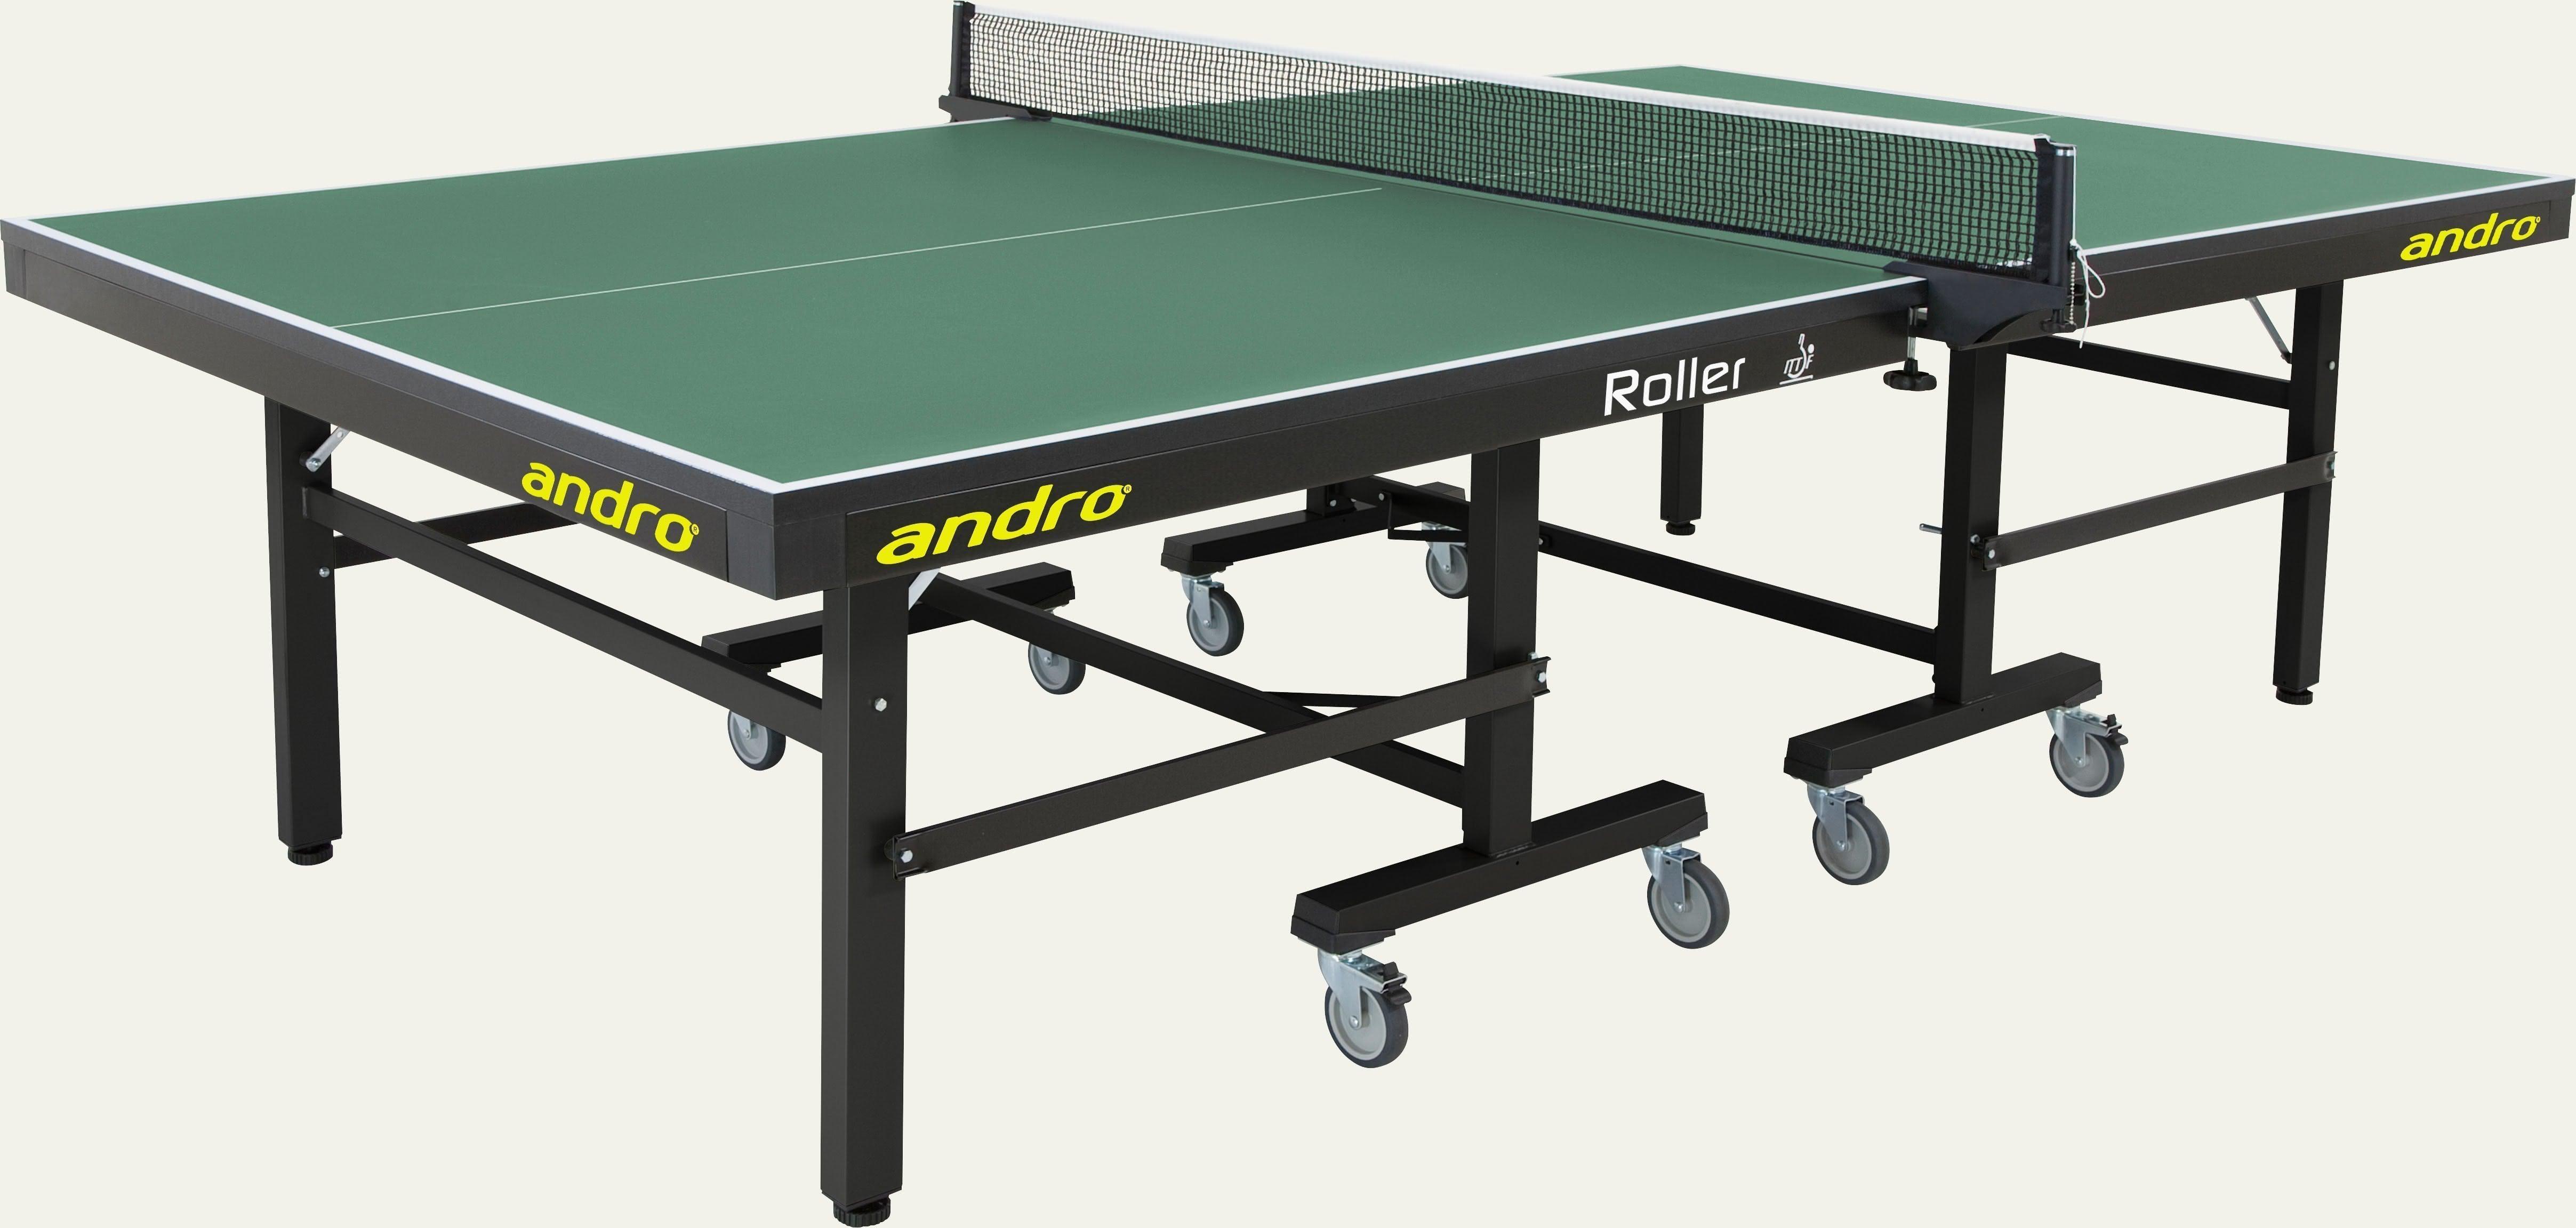 andro roller gr n wettkampftische tische tischtennis sportpoint 24. Black Bedroom Furniture Sets. Home Design Ideas